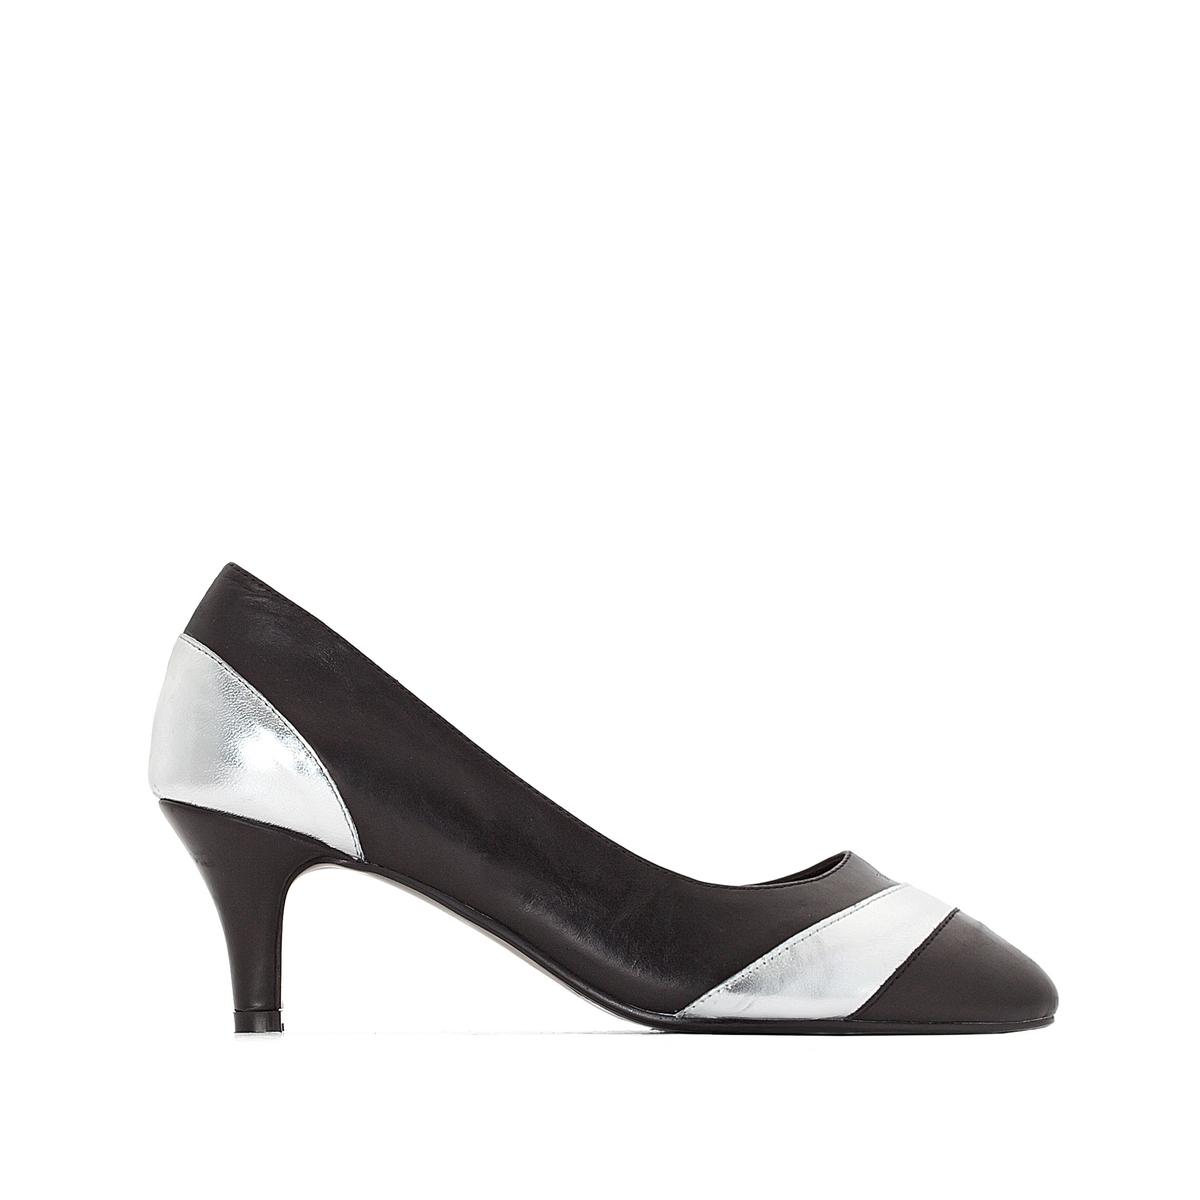 Туфли кожаныеДетали  •  Каблук-шпилька •  Высота каблука : 5,5 см •  Застежка : без застежки •  Круглый мысок •  Гладкая отделкаСостав и уход  •  Верх 100% кожа •  Подкладка 100% кожа •  Стелька 100% кожа<br><br>Цвет: черный<br>Размер: 38.35